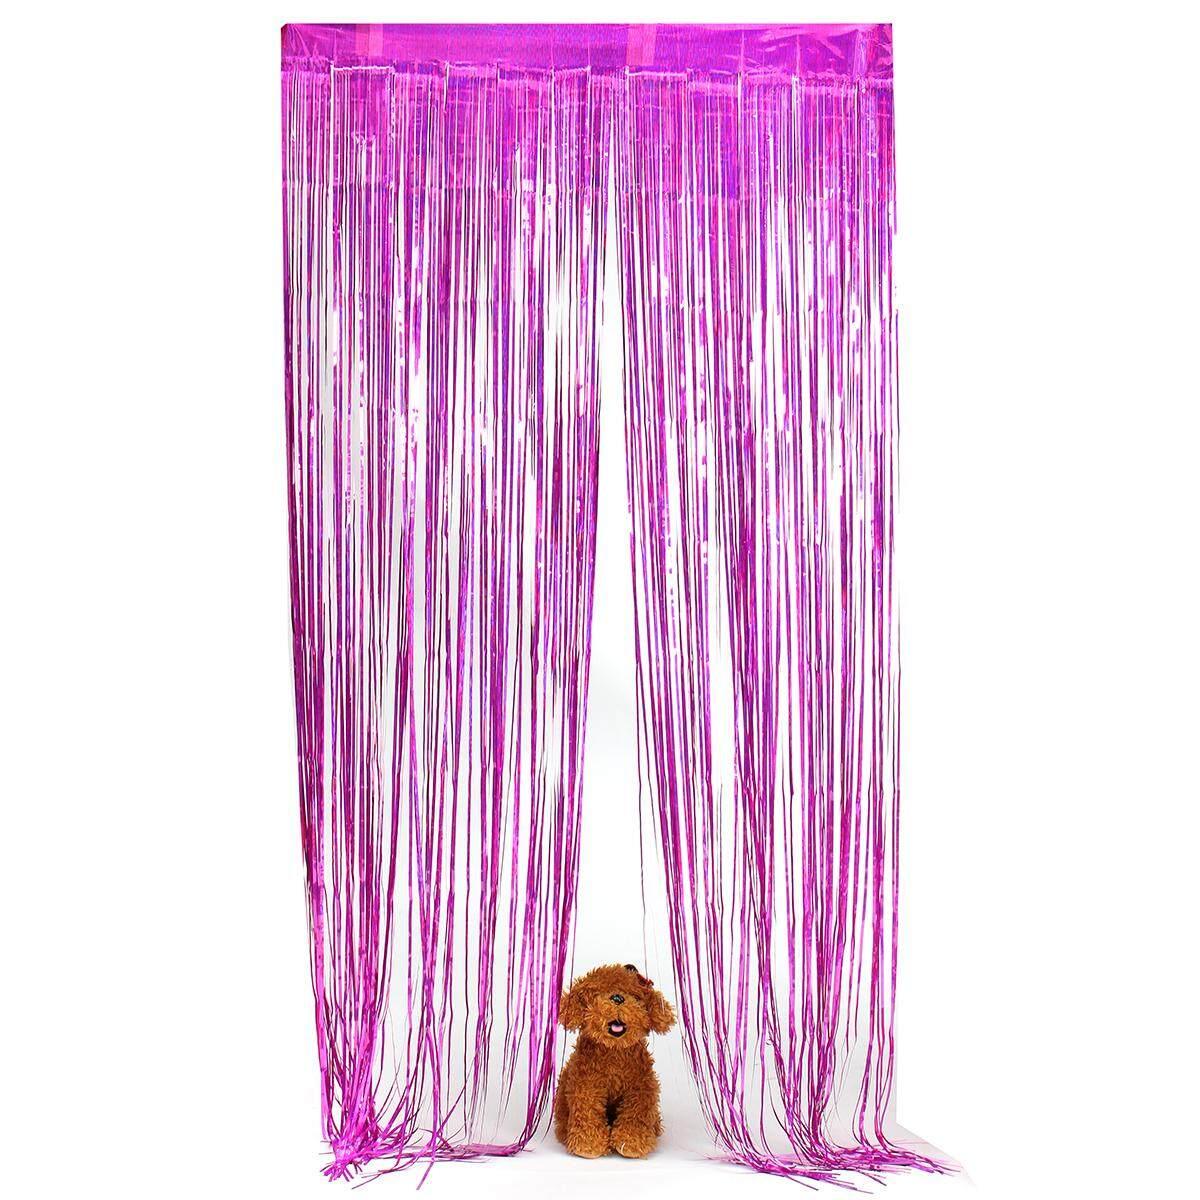 Fitur Shimmer Kertas Perak Pintu Pesta Ulang Tahun Pernikahan Tirai Balonasia Dekorasi Backdrop Foil Detail Gambar 200x100 Cm Mawar Internasional Terkini